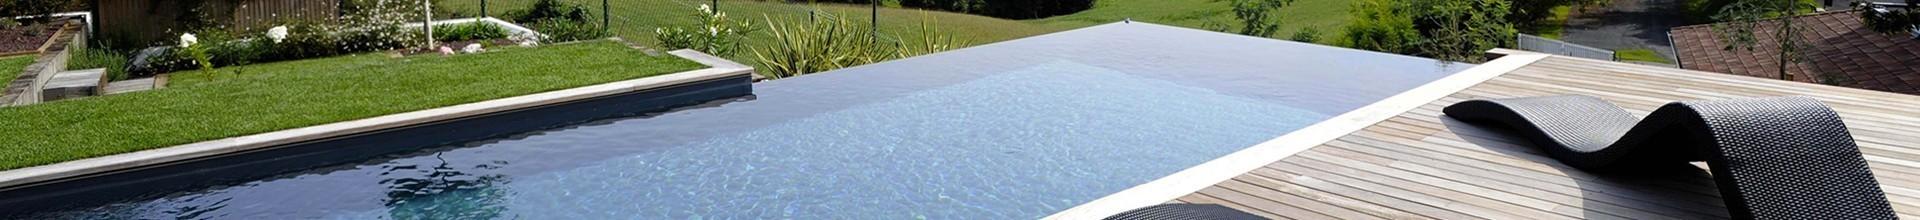 Eure-et-Loir Centre de la France construire piscine révolutionnaire